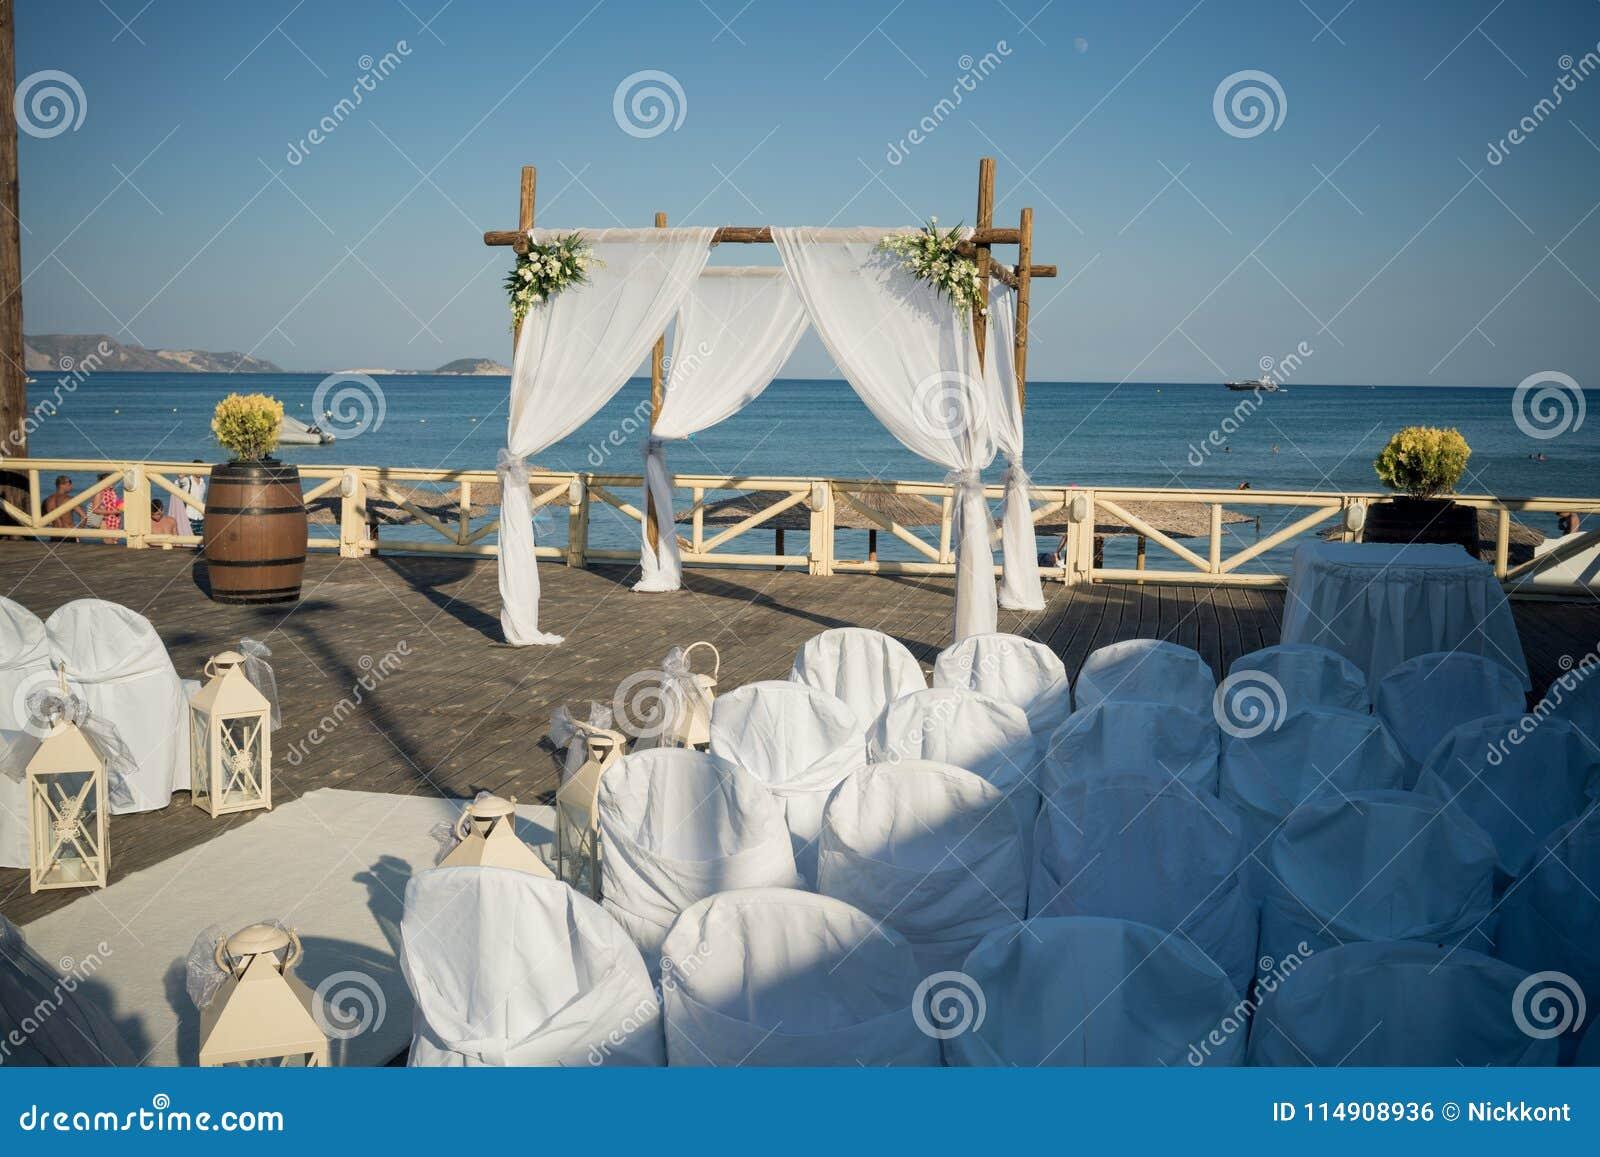 从希腊的惊人的婚礼股票摄影!一个精妙的婚礼的美丽的婚礼装饰